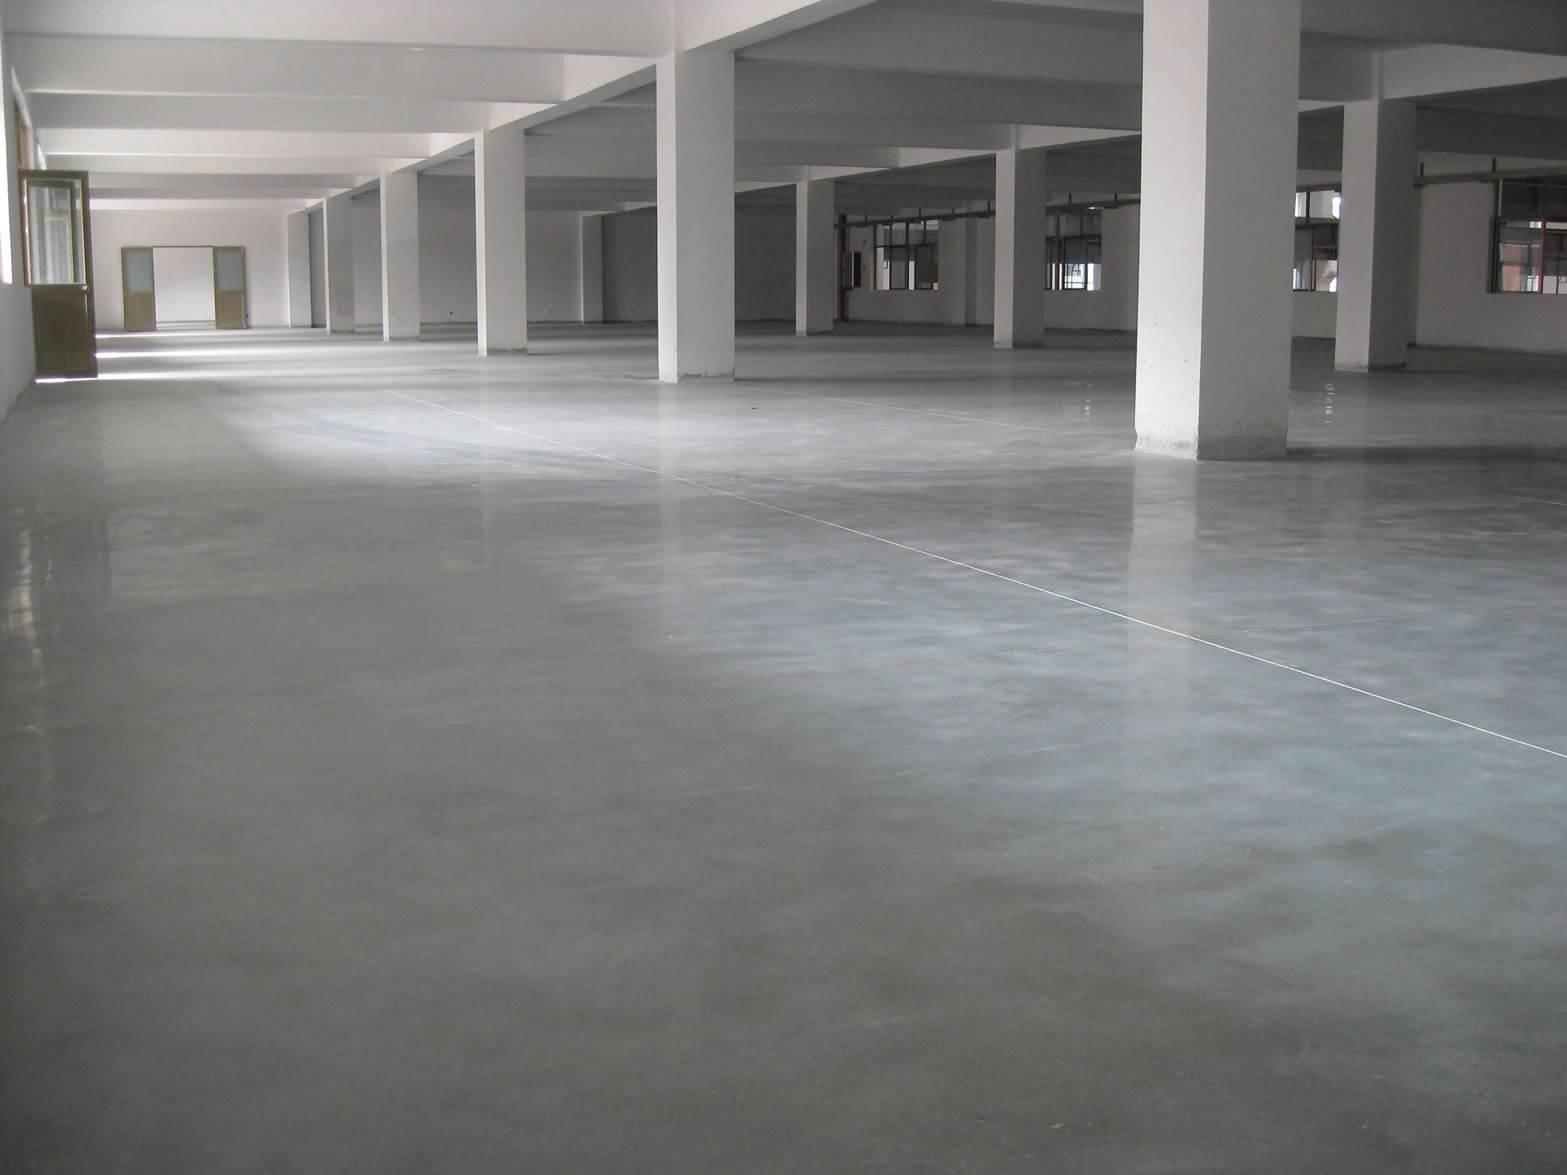 青海混凝土密封固化地坪厂家|西宁混凝土密封固化地坪厂家